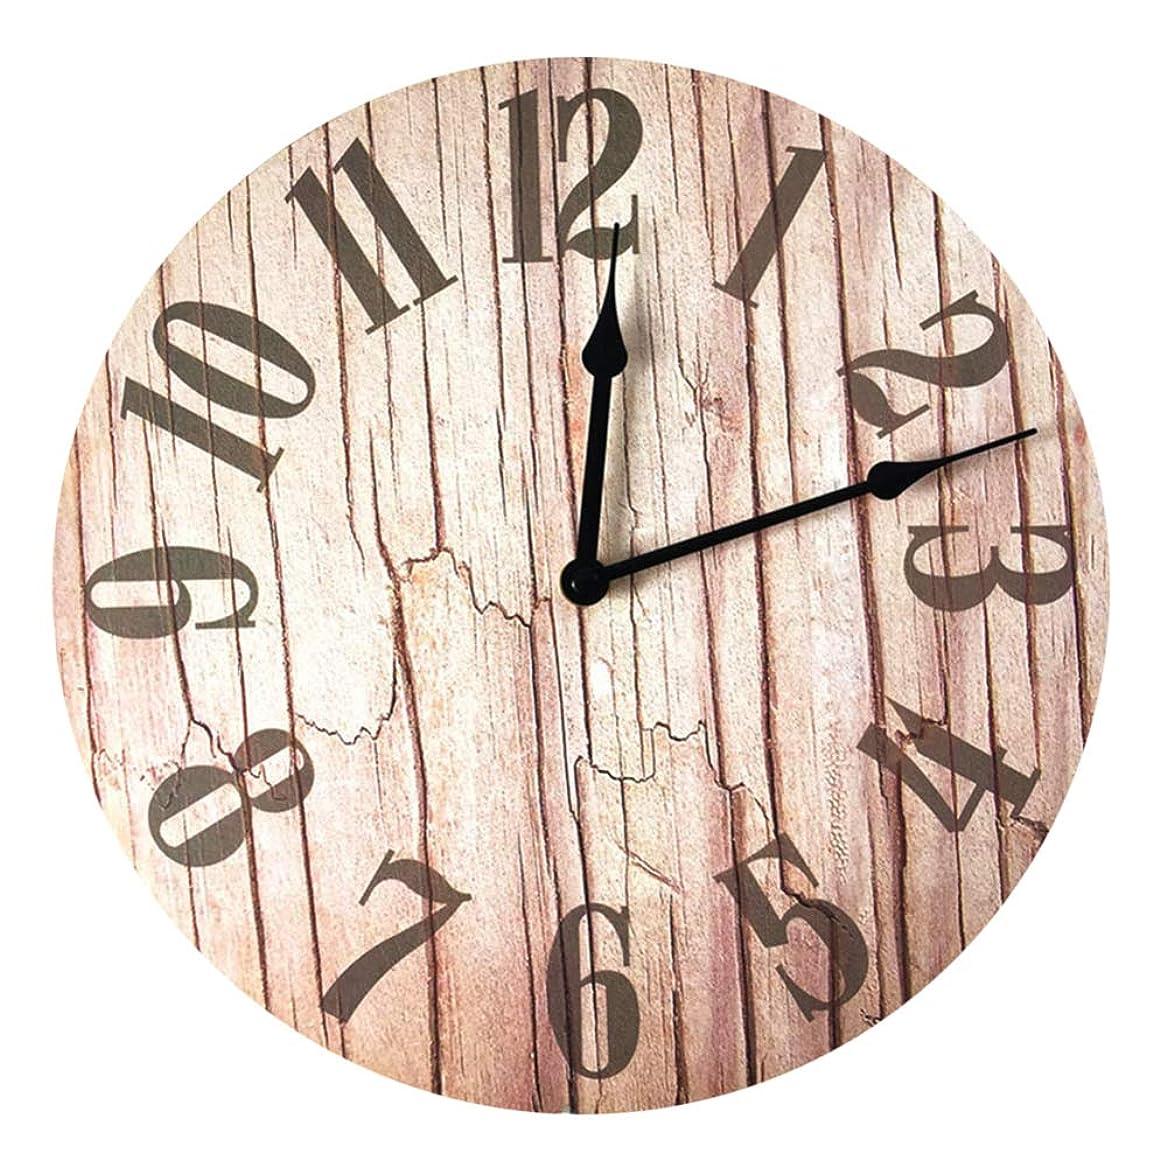 モニターありがたい移行する木目パターン時計ウォールマウントウッドヴィンテージスタイルクォーツ時計ハングオーナメント木製色リビングルームまたは寝室オフィスなどに適した30センチ